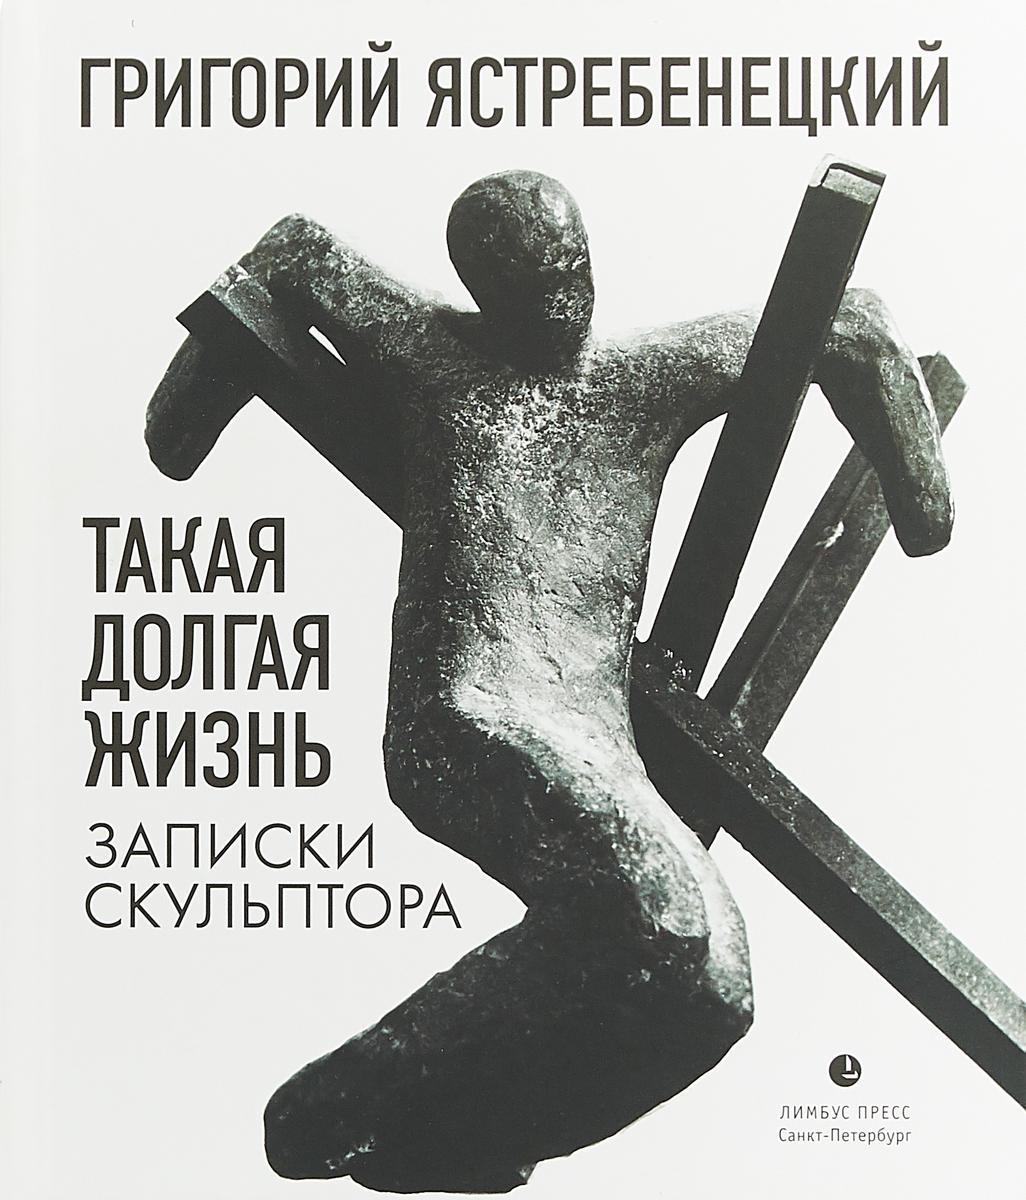 Григорий Ястребенецкий Такая долгая жизнь. Записки скульптора